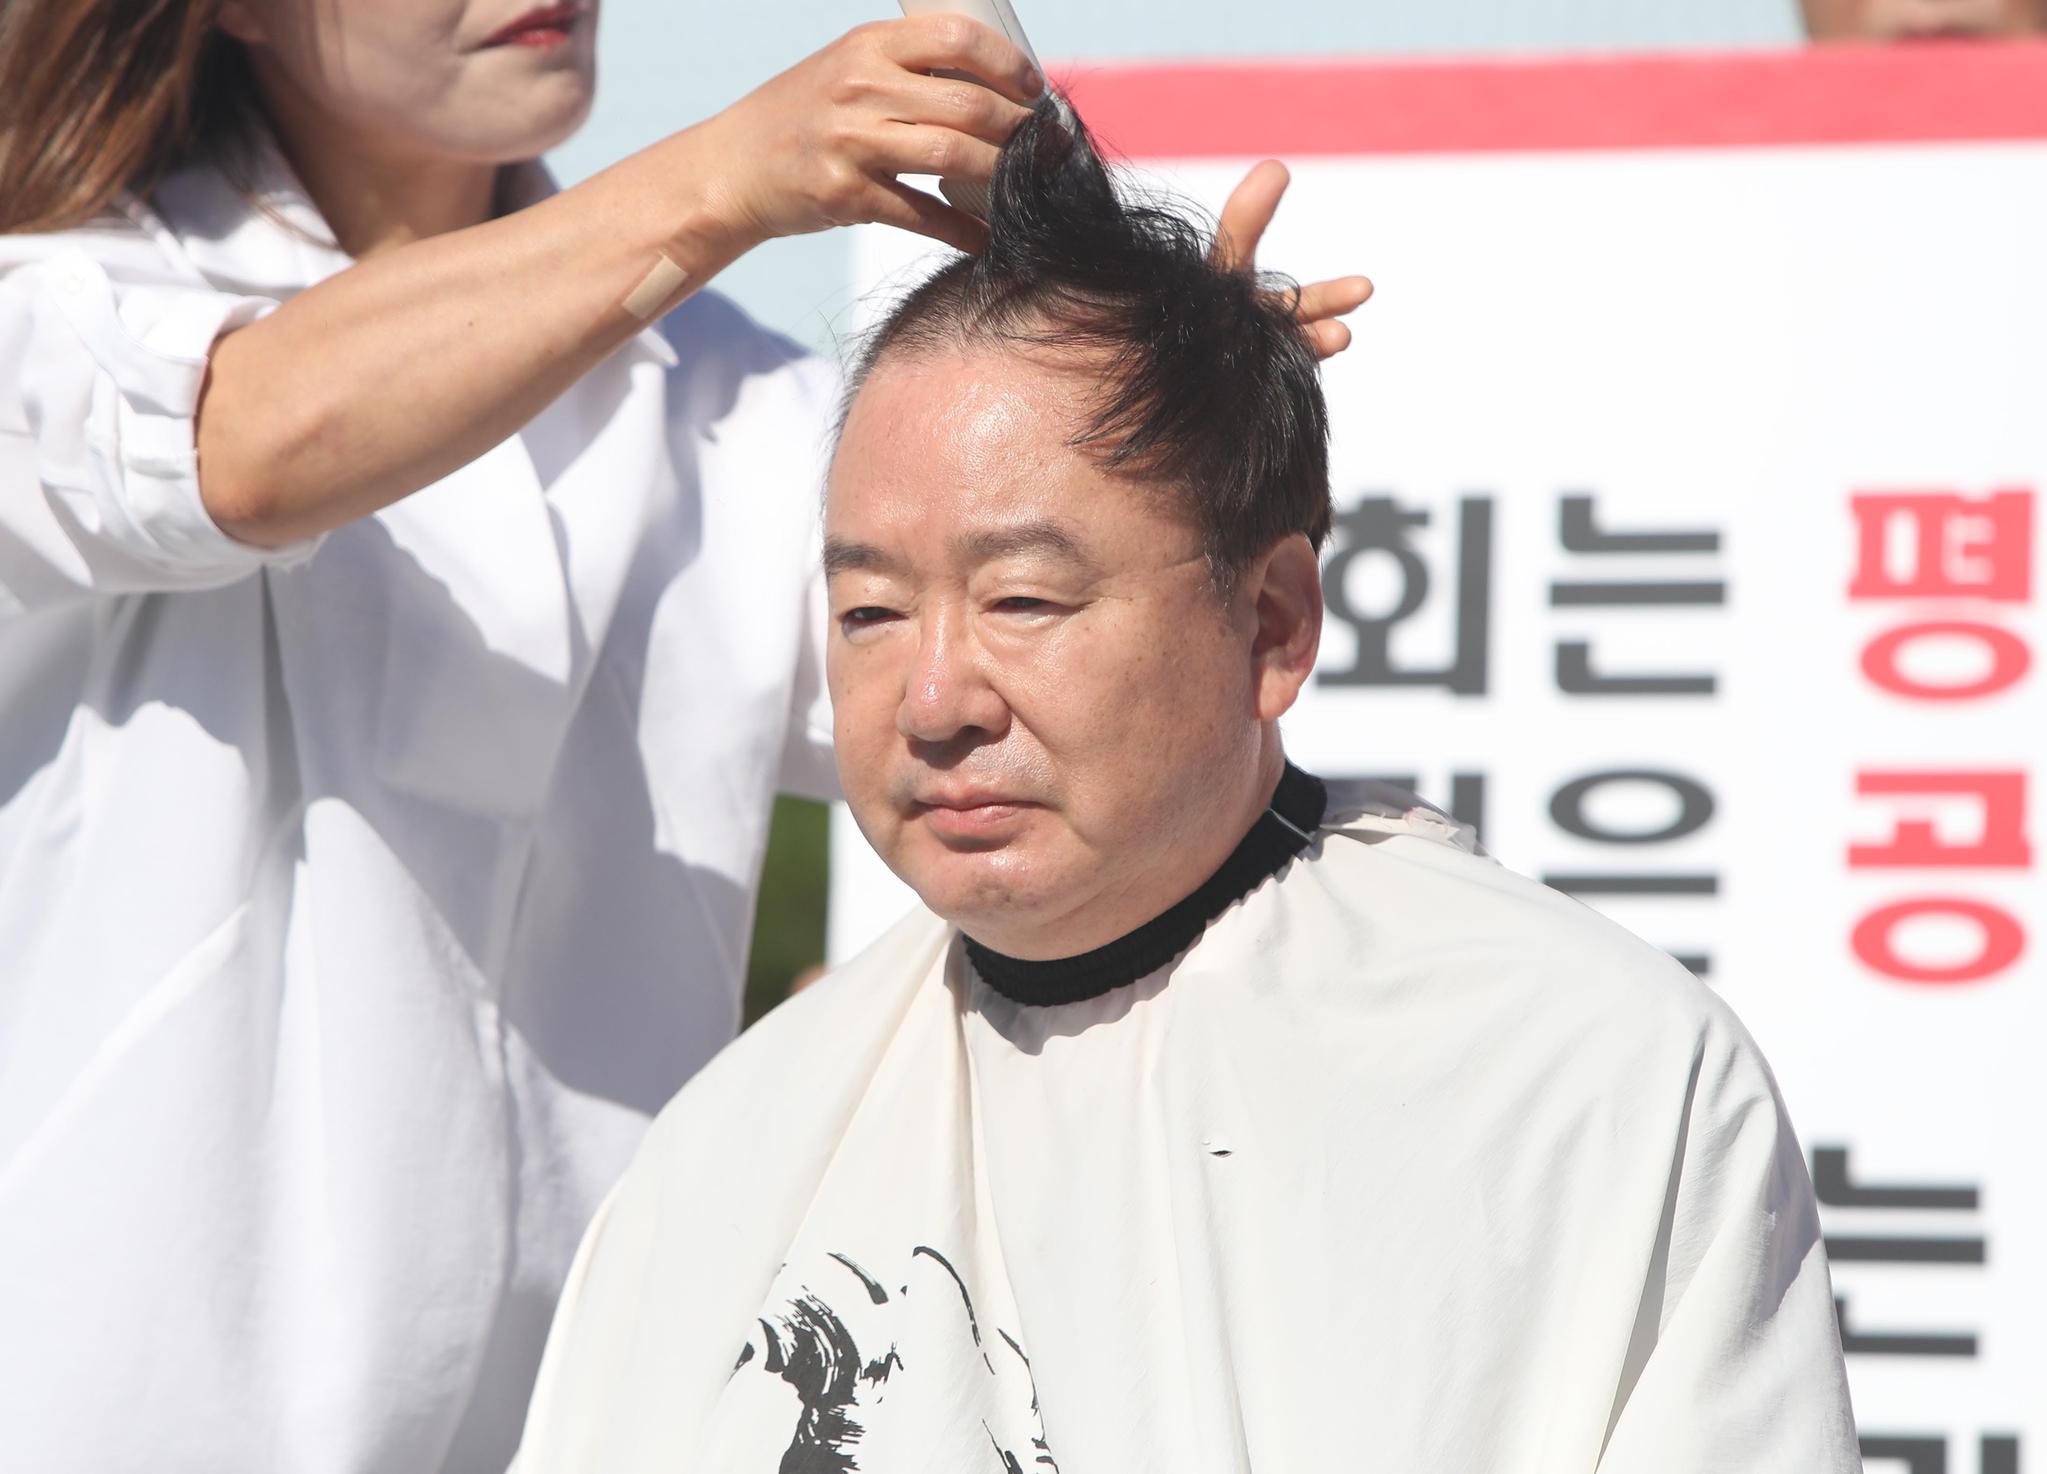 17일 오후 동대구역 광장에서 자유한국당 강효상 의원이 조국 법무부 장관의 사퇴를 촉구하며 삭발하고 있다. [연합뉴스]